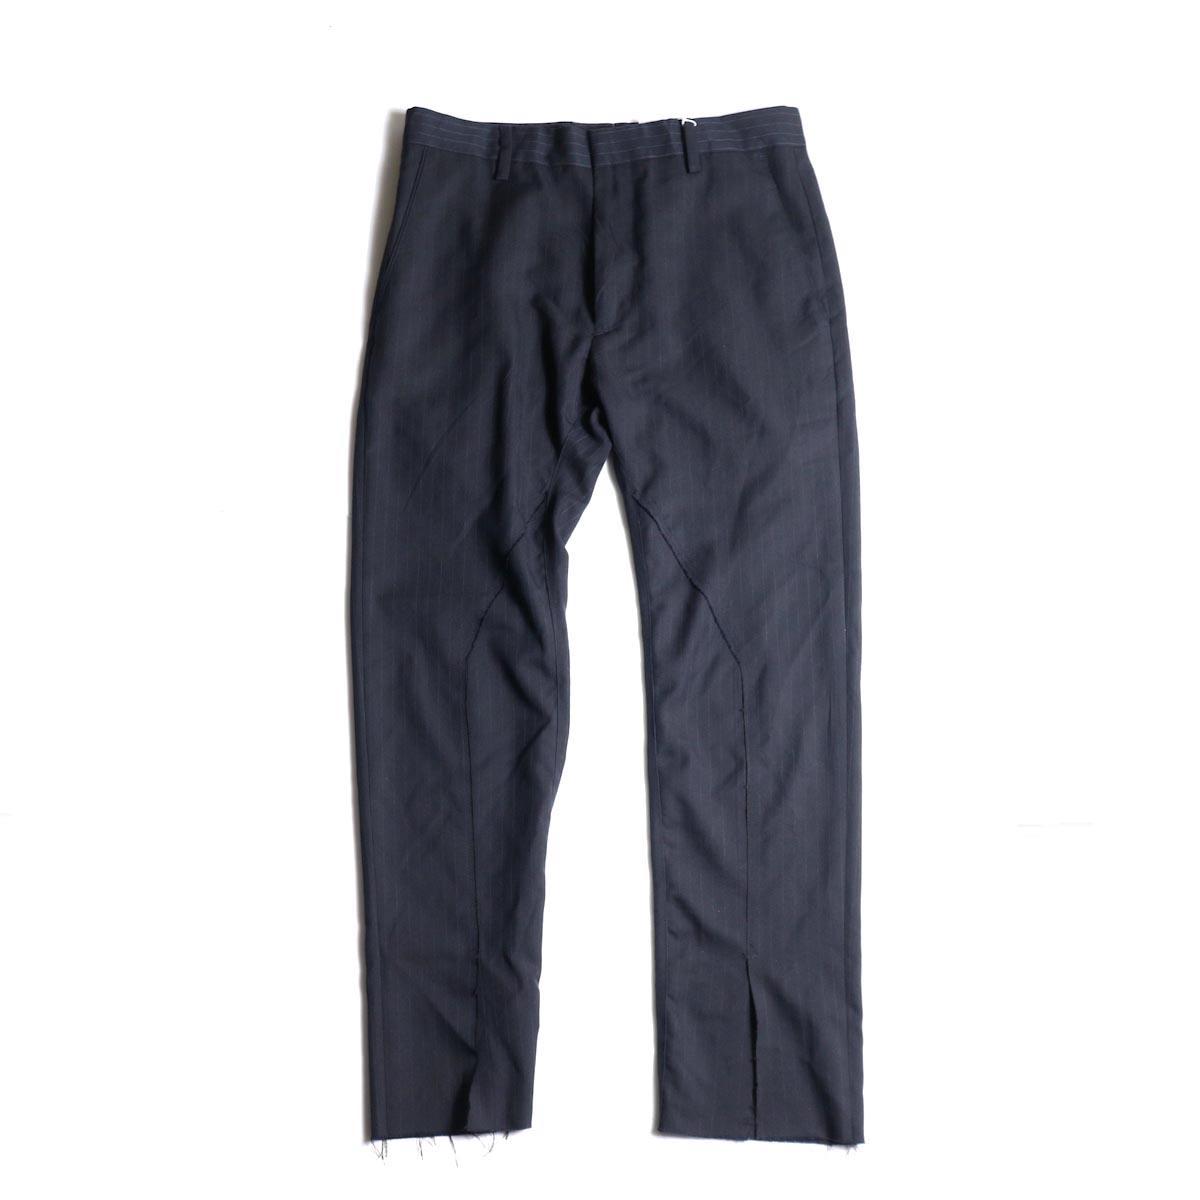 OLD PARK / SLIT PANTS SLACKS (Ssize-A)